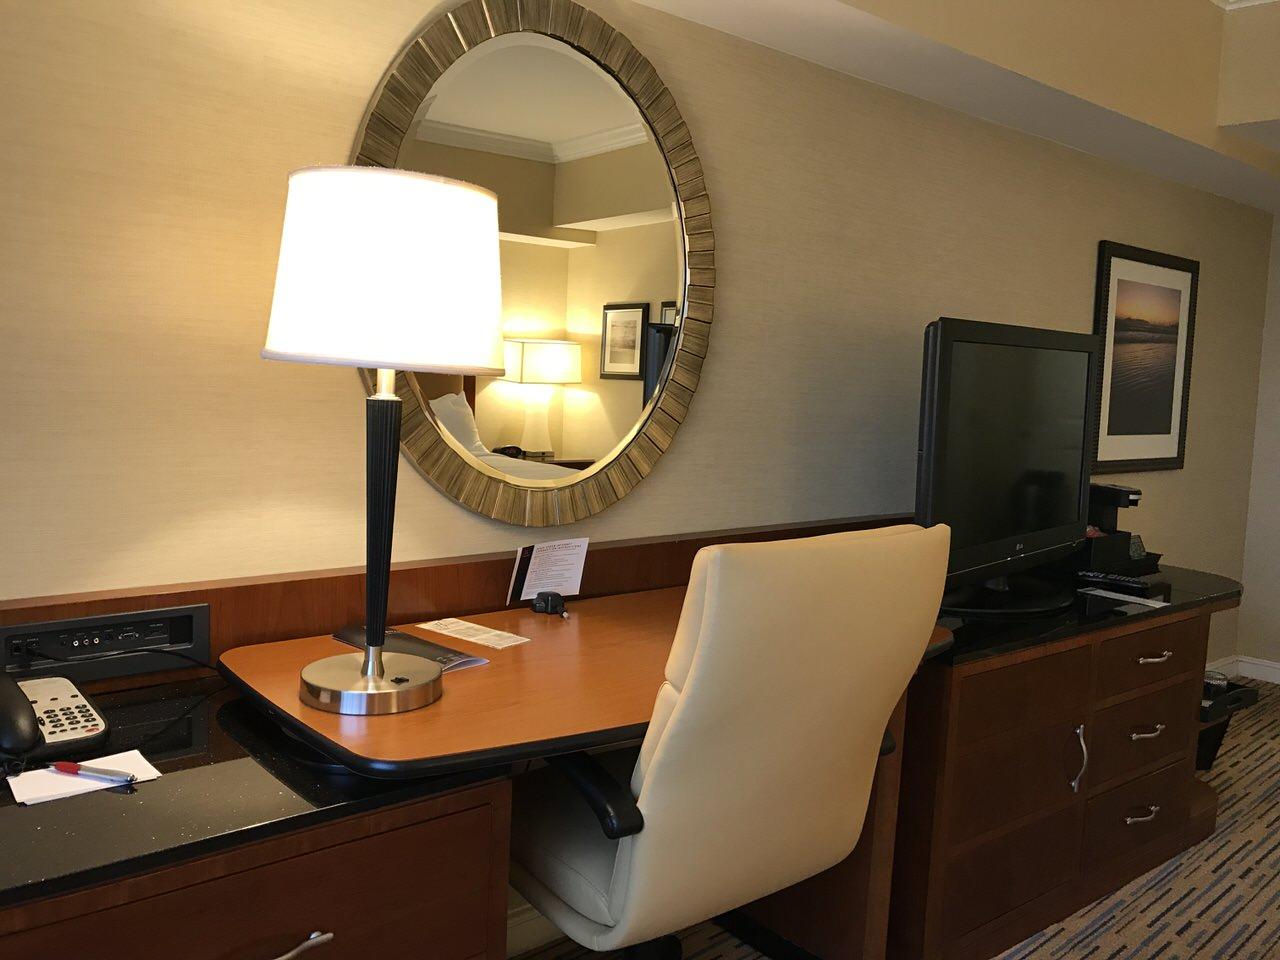 Hotel marriott sandiego0407